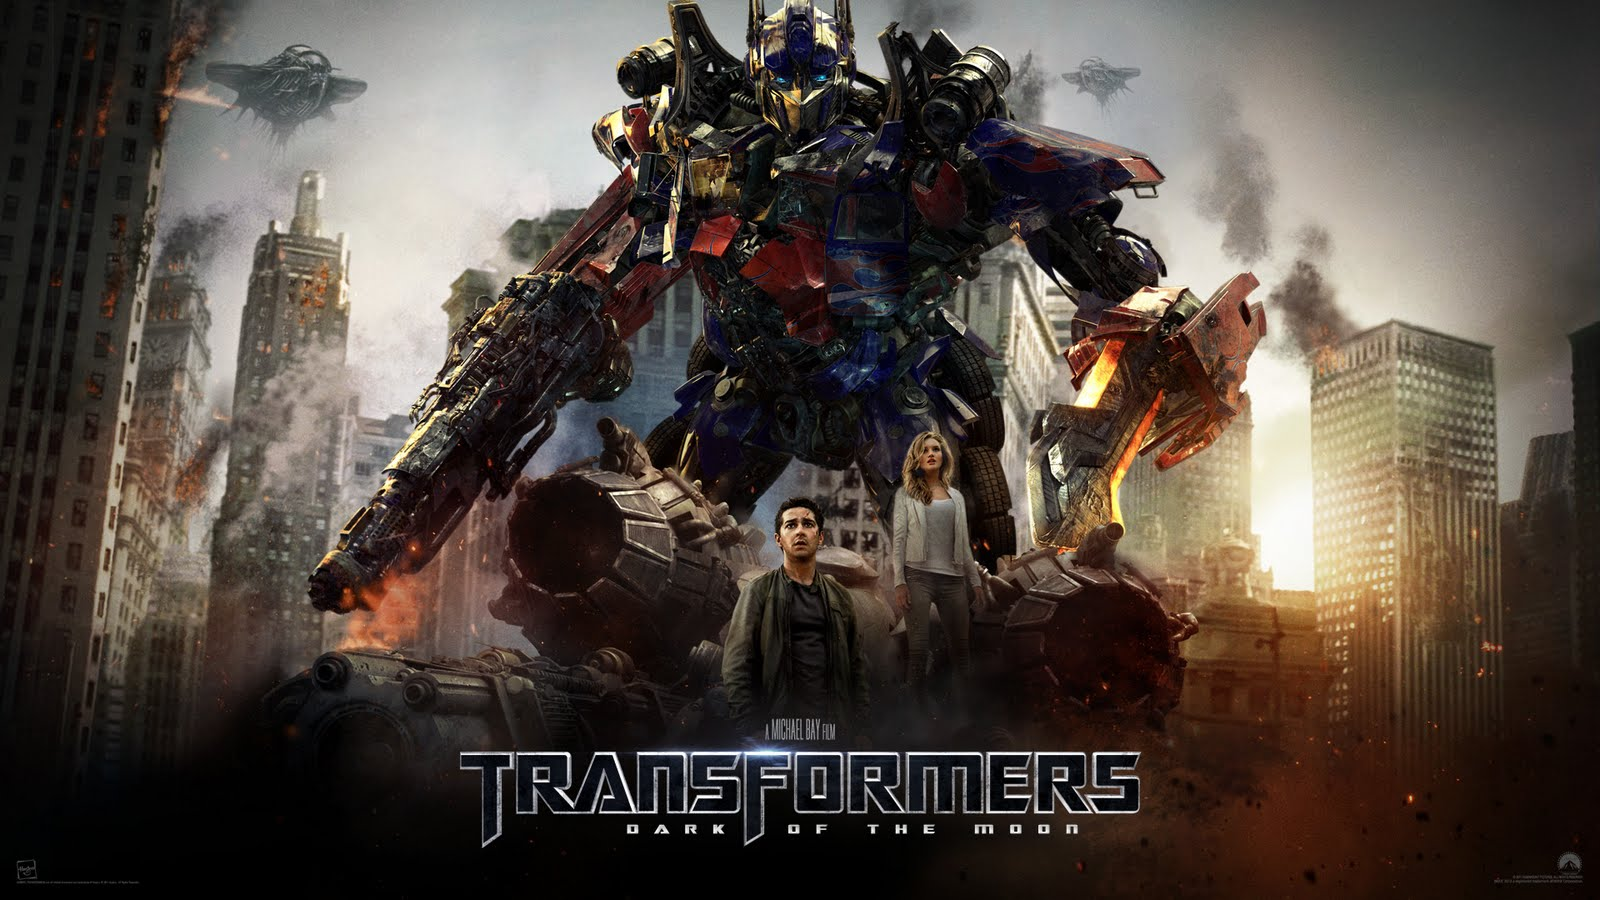 http://2.bp.blogspot.com/-G711z4_POsI/TfW-uBBPCRI/AAAAAAAAAwU/WbN9PrnpCN4/s1600/Transformers13.jpg